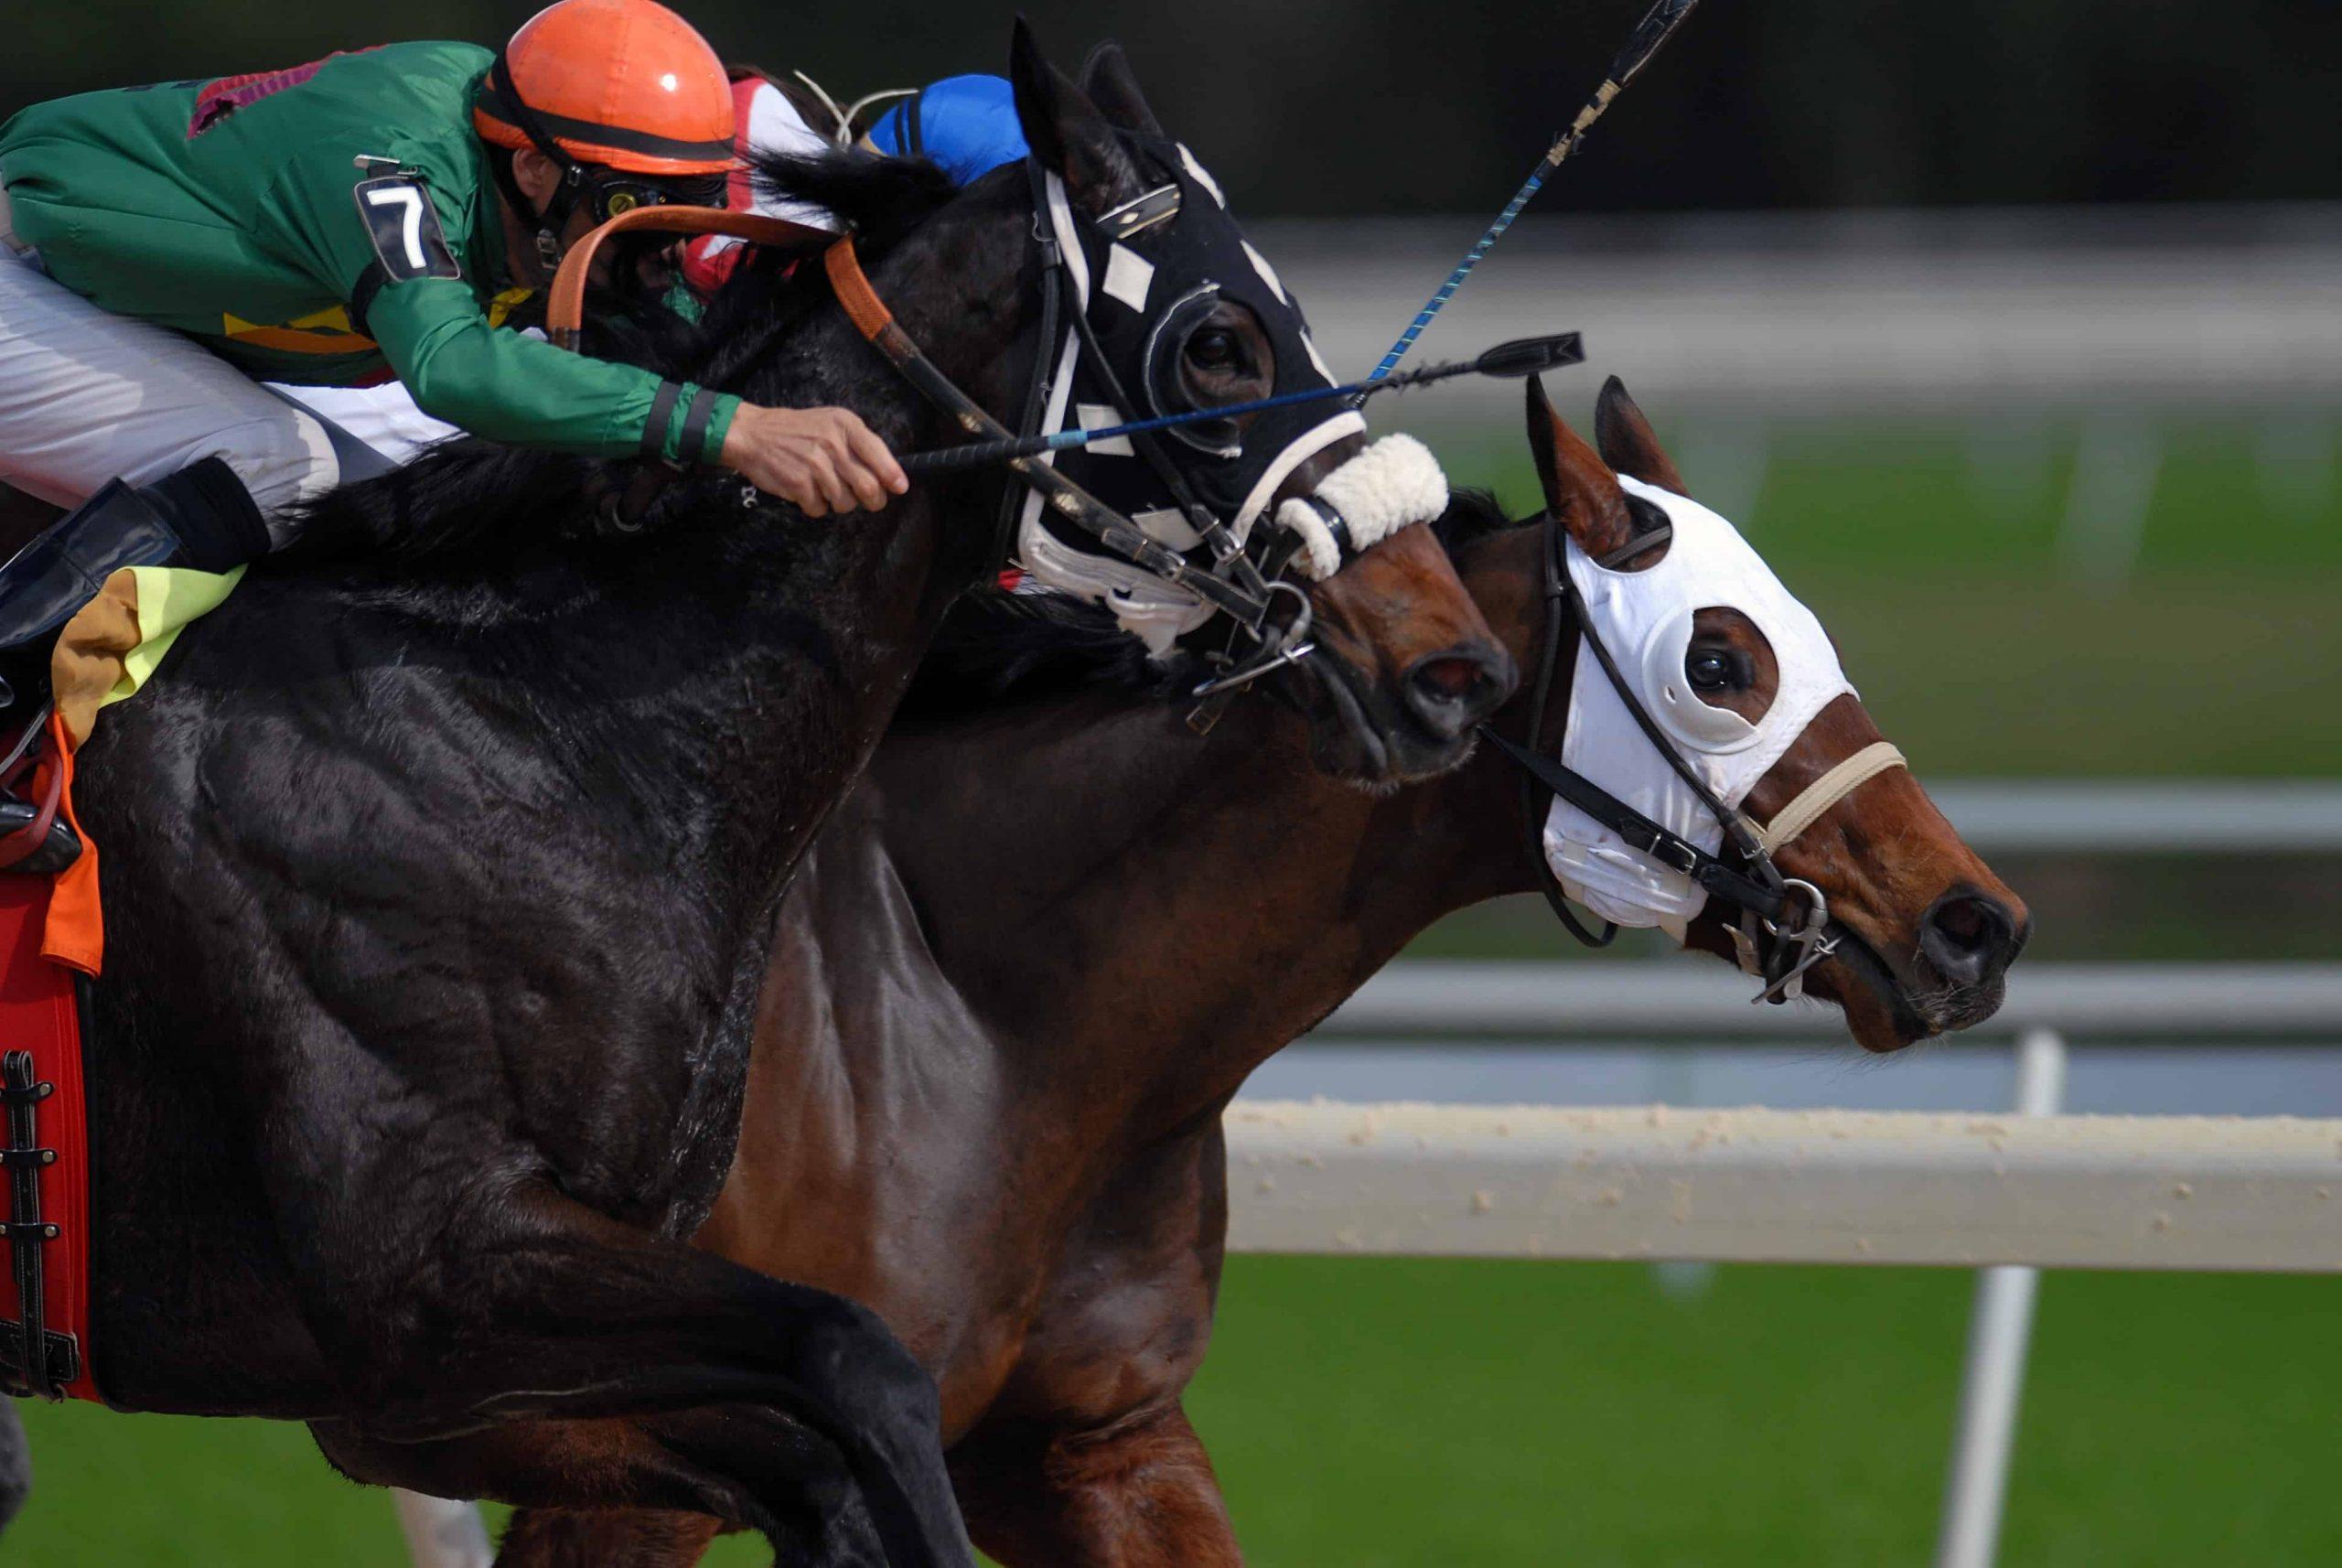 Pferderennen als Glücksspiel – Lohnt sich das überhaupt?